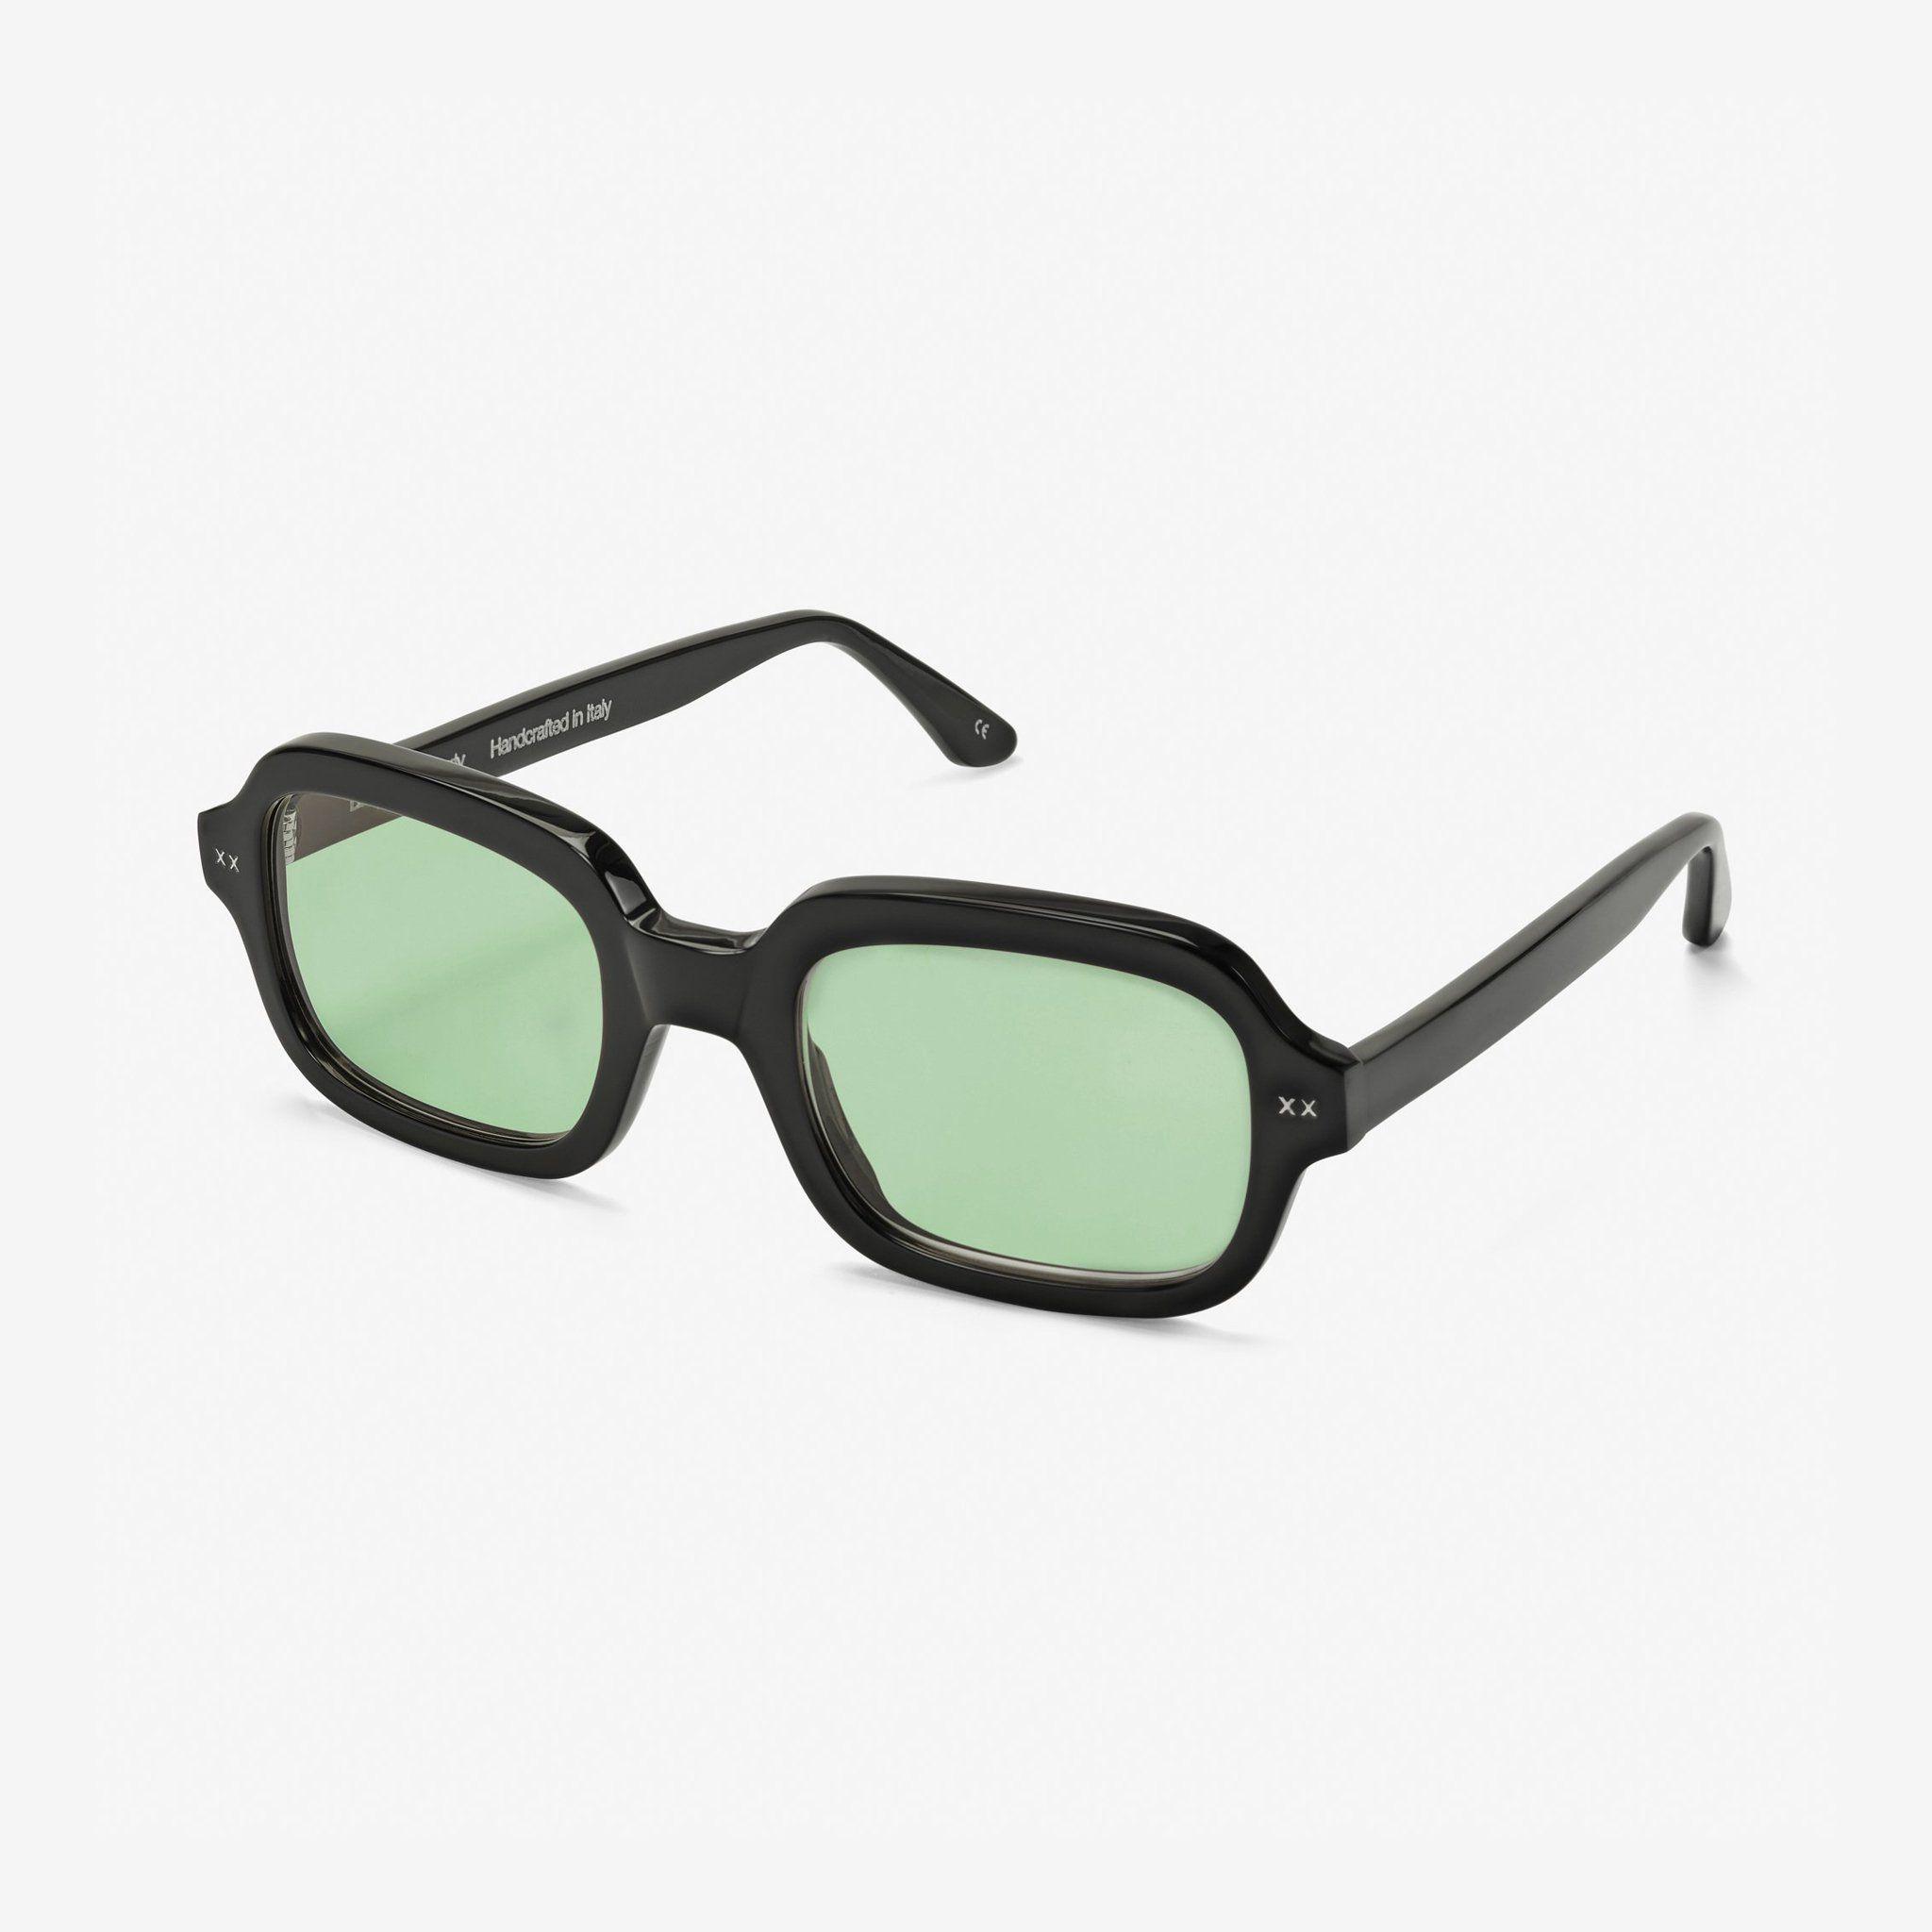 Jordy / Black / Green– Lexxola